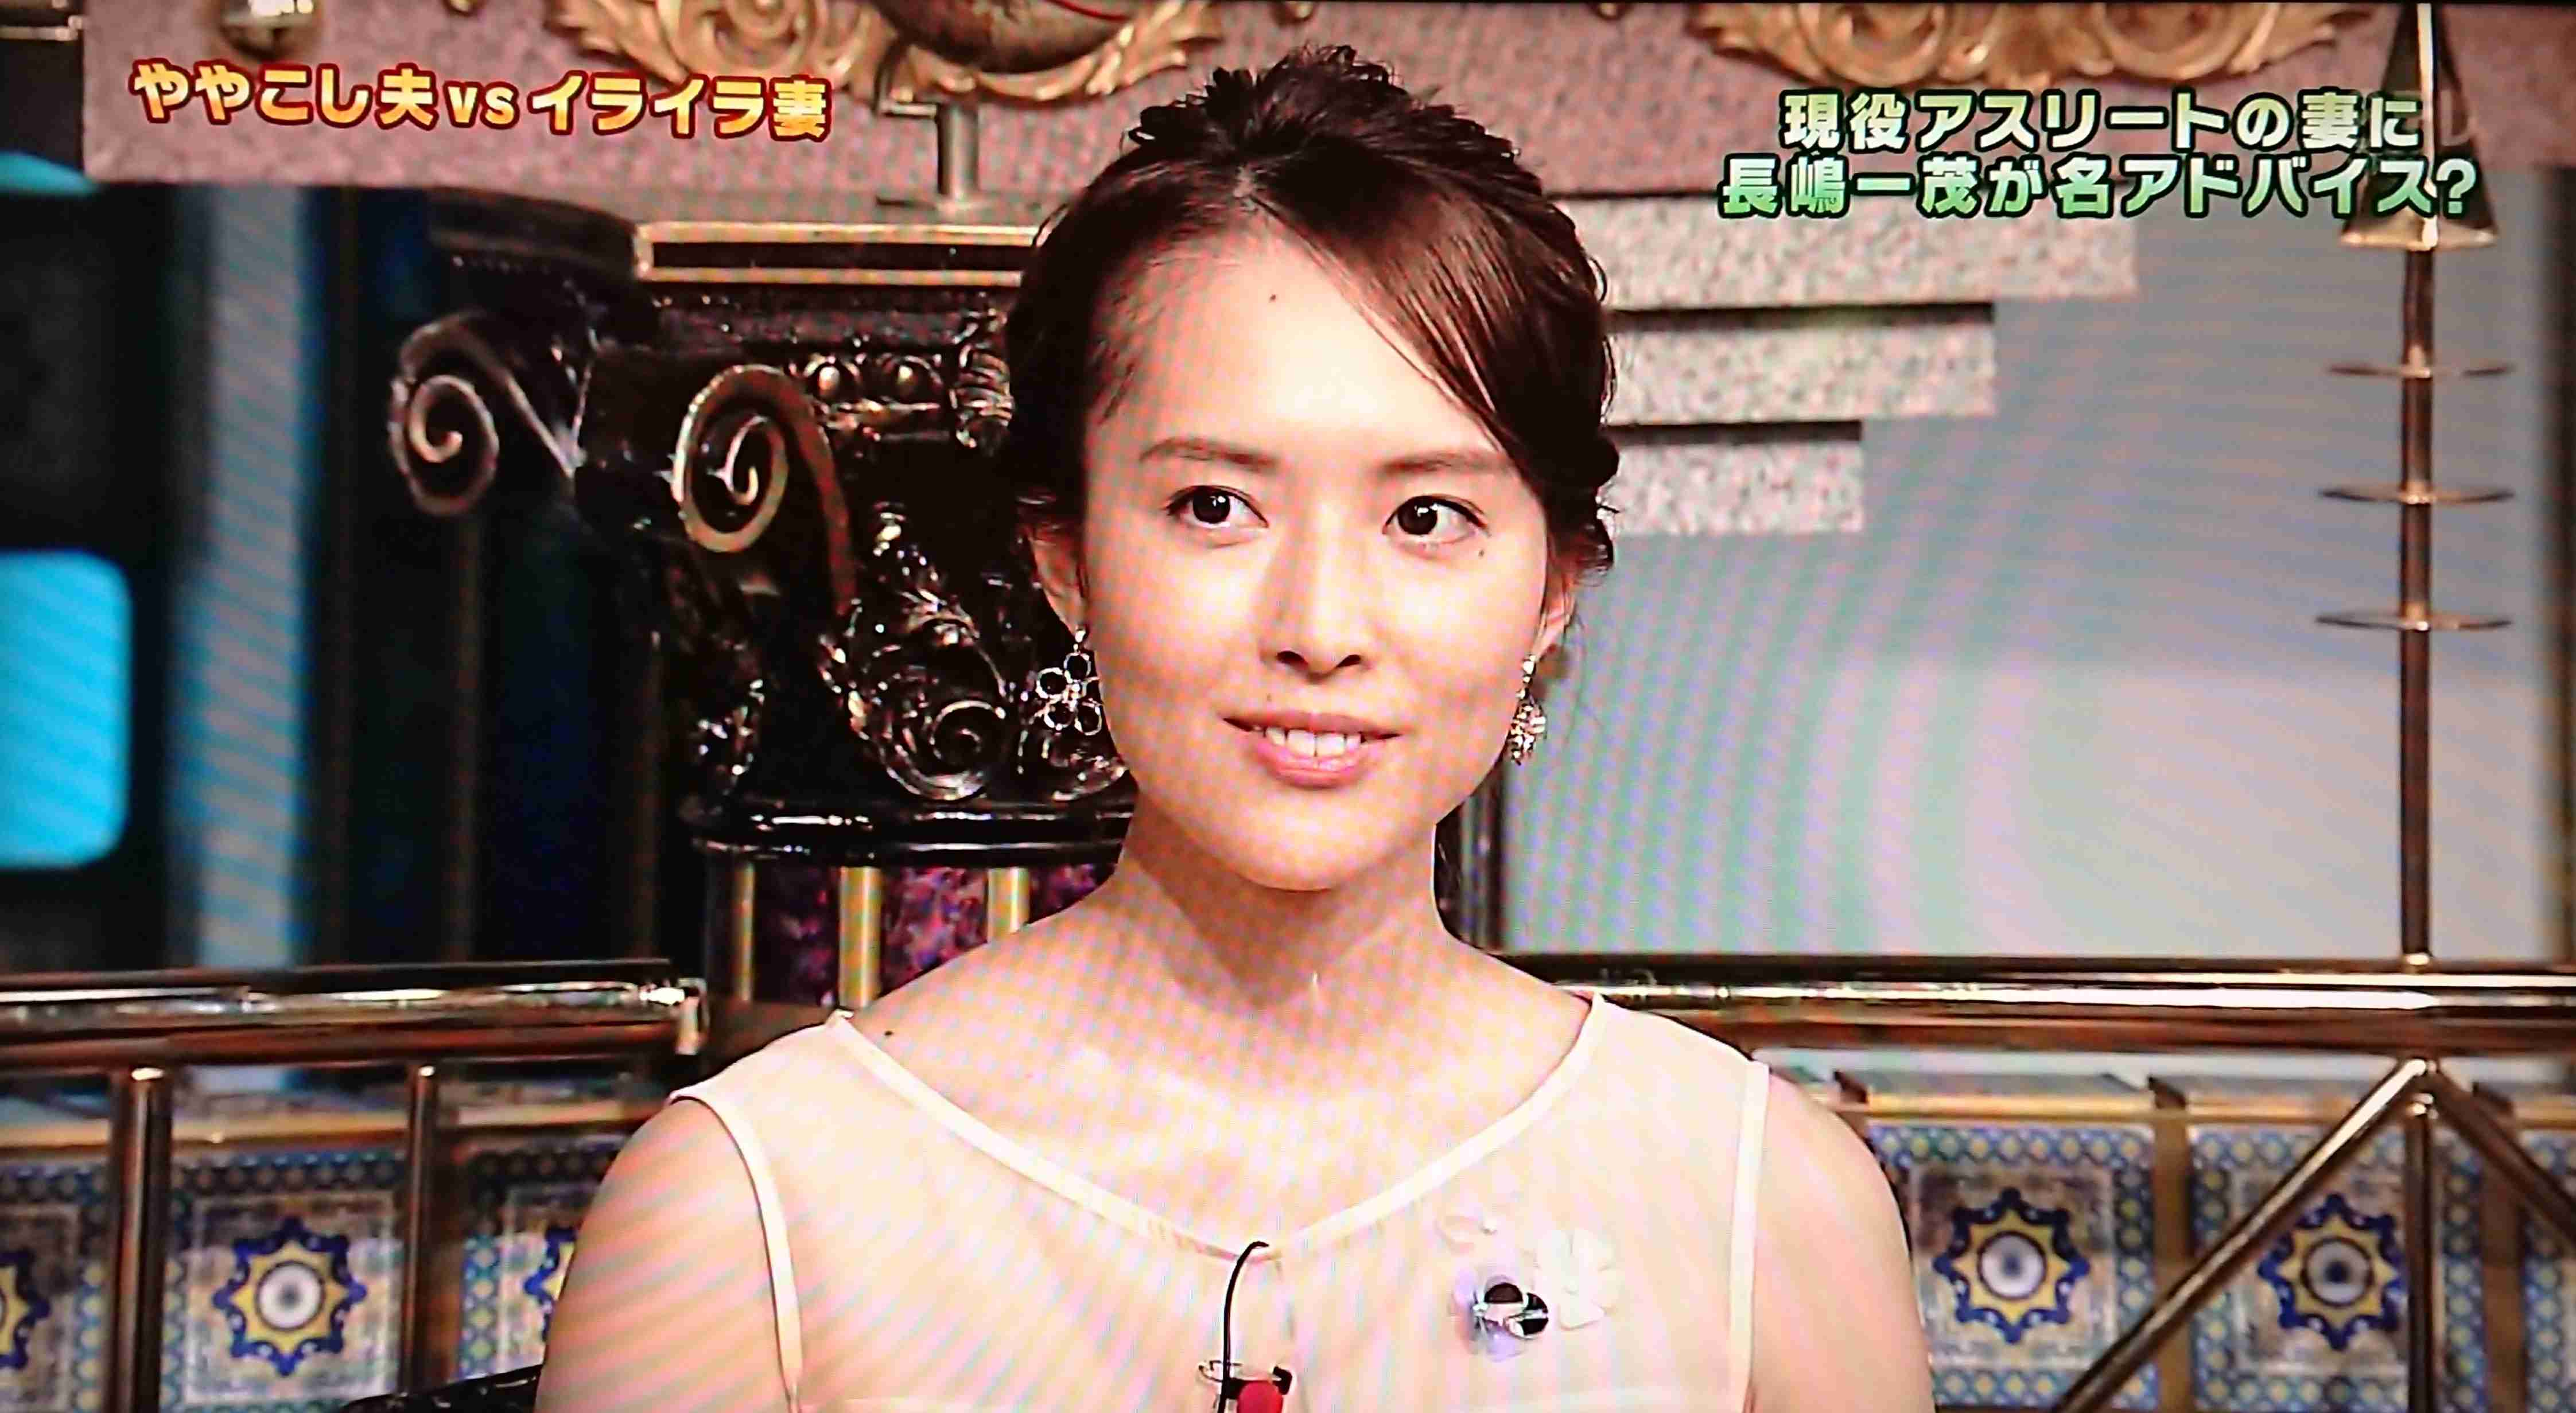 『さんま御殿』にサッカー日本代表・宇佐美貴史の妻 夫への不満暴露し視聴者から批判